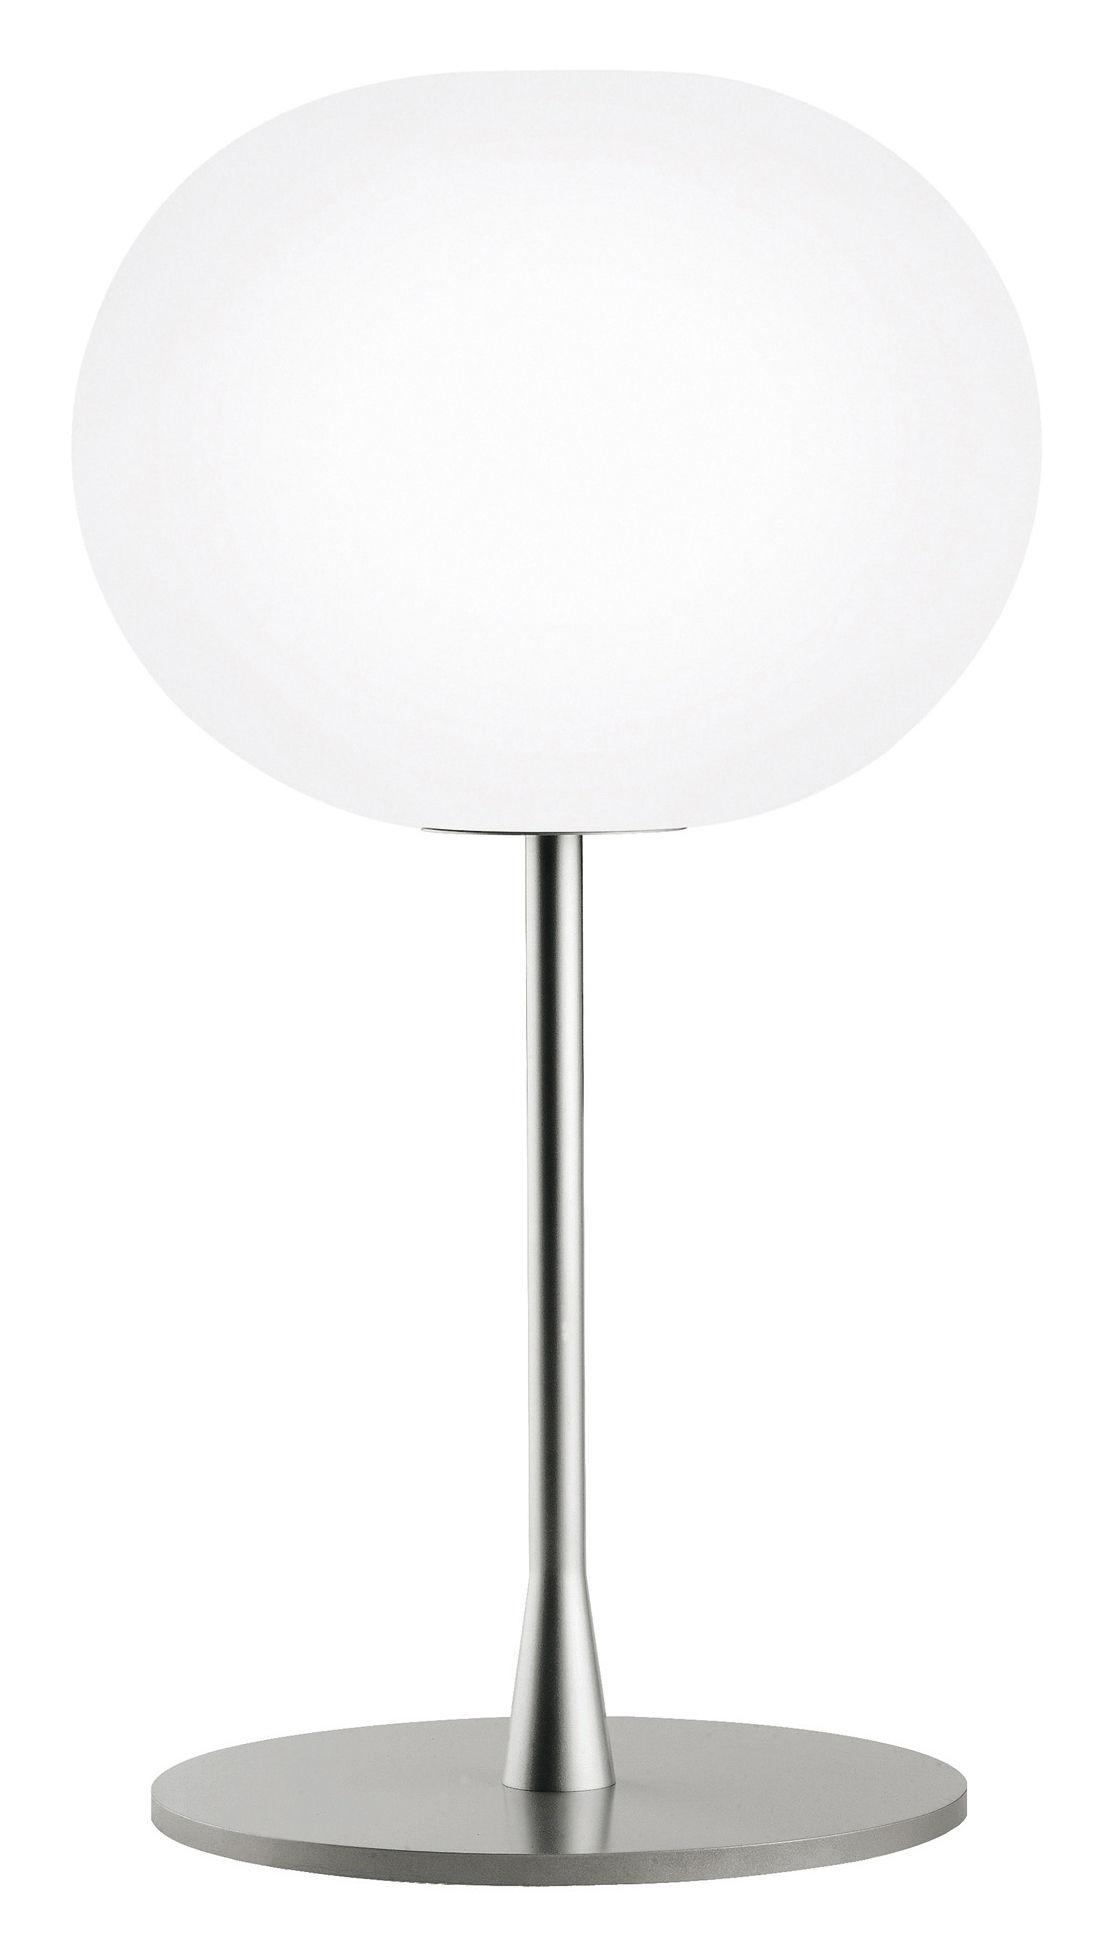 Leuchten - Tischleuchten - Glo-Ball T1 Tischleuchte - Flos - Höhe 60 cm - mundgeblasenes Glas, Stahl